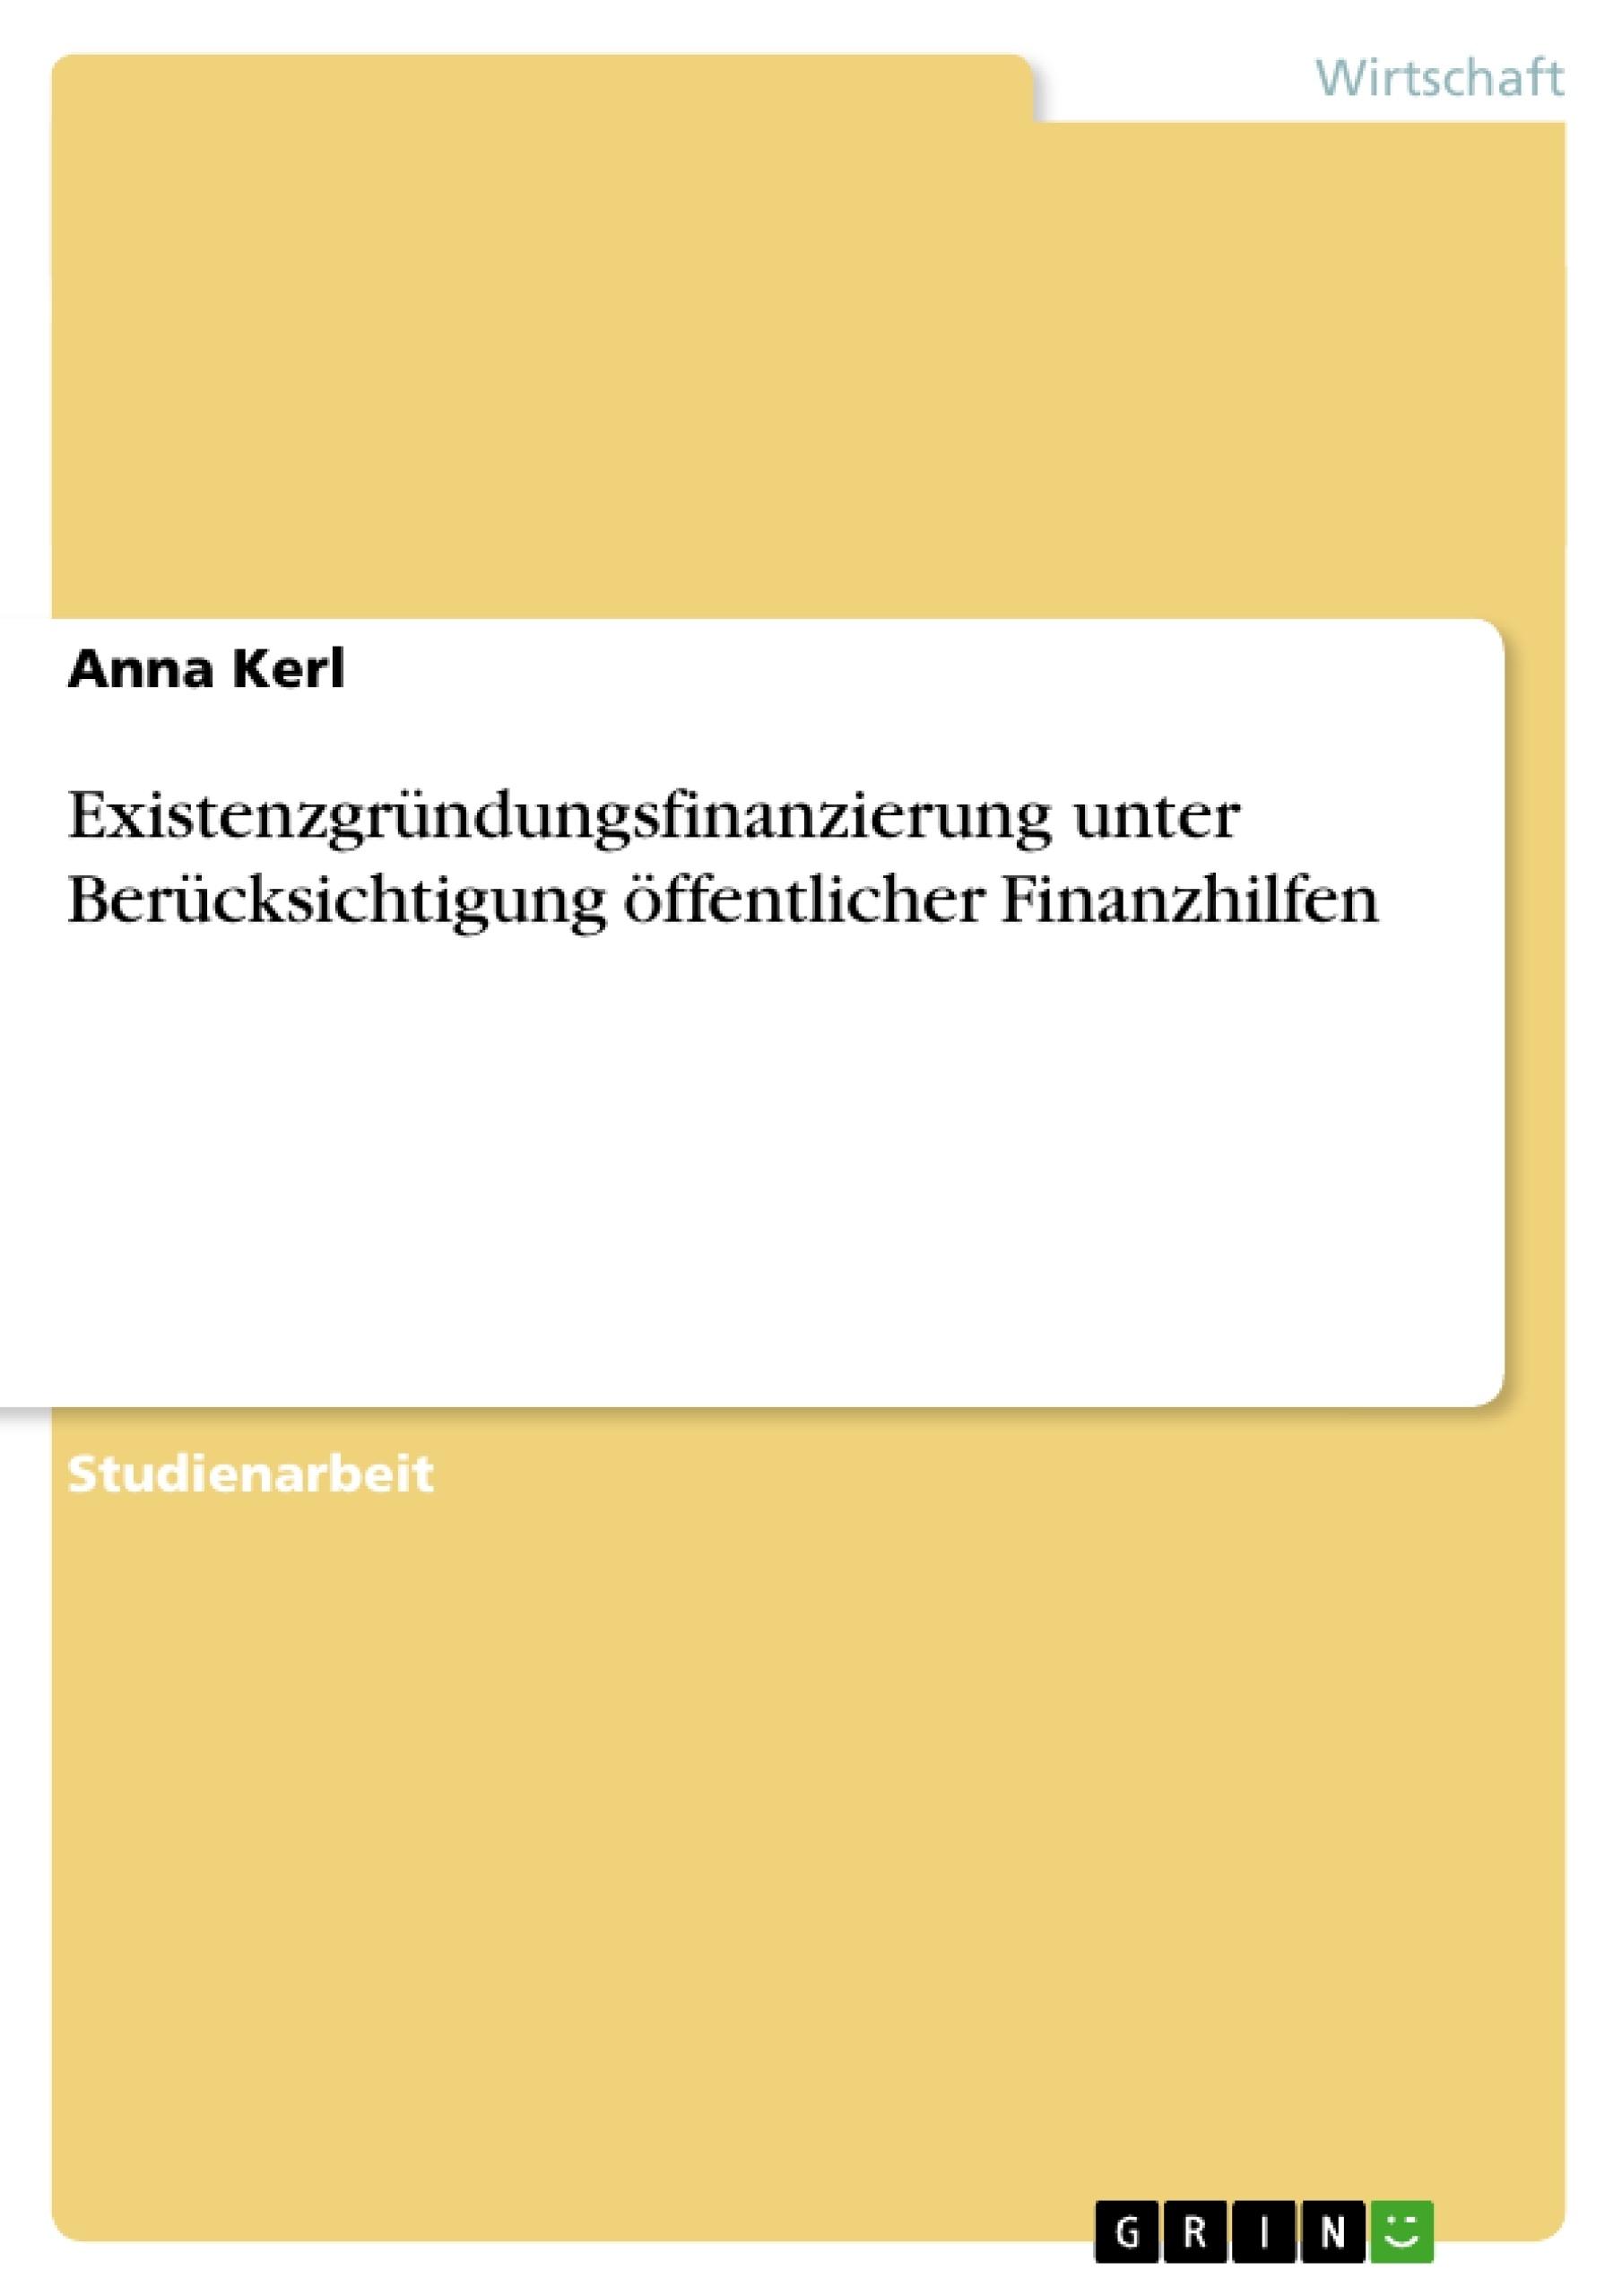 Titel: Existenzgründungsfinanzierung unter Berücksichtigung öffentlicher Finanzhilfen